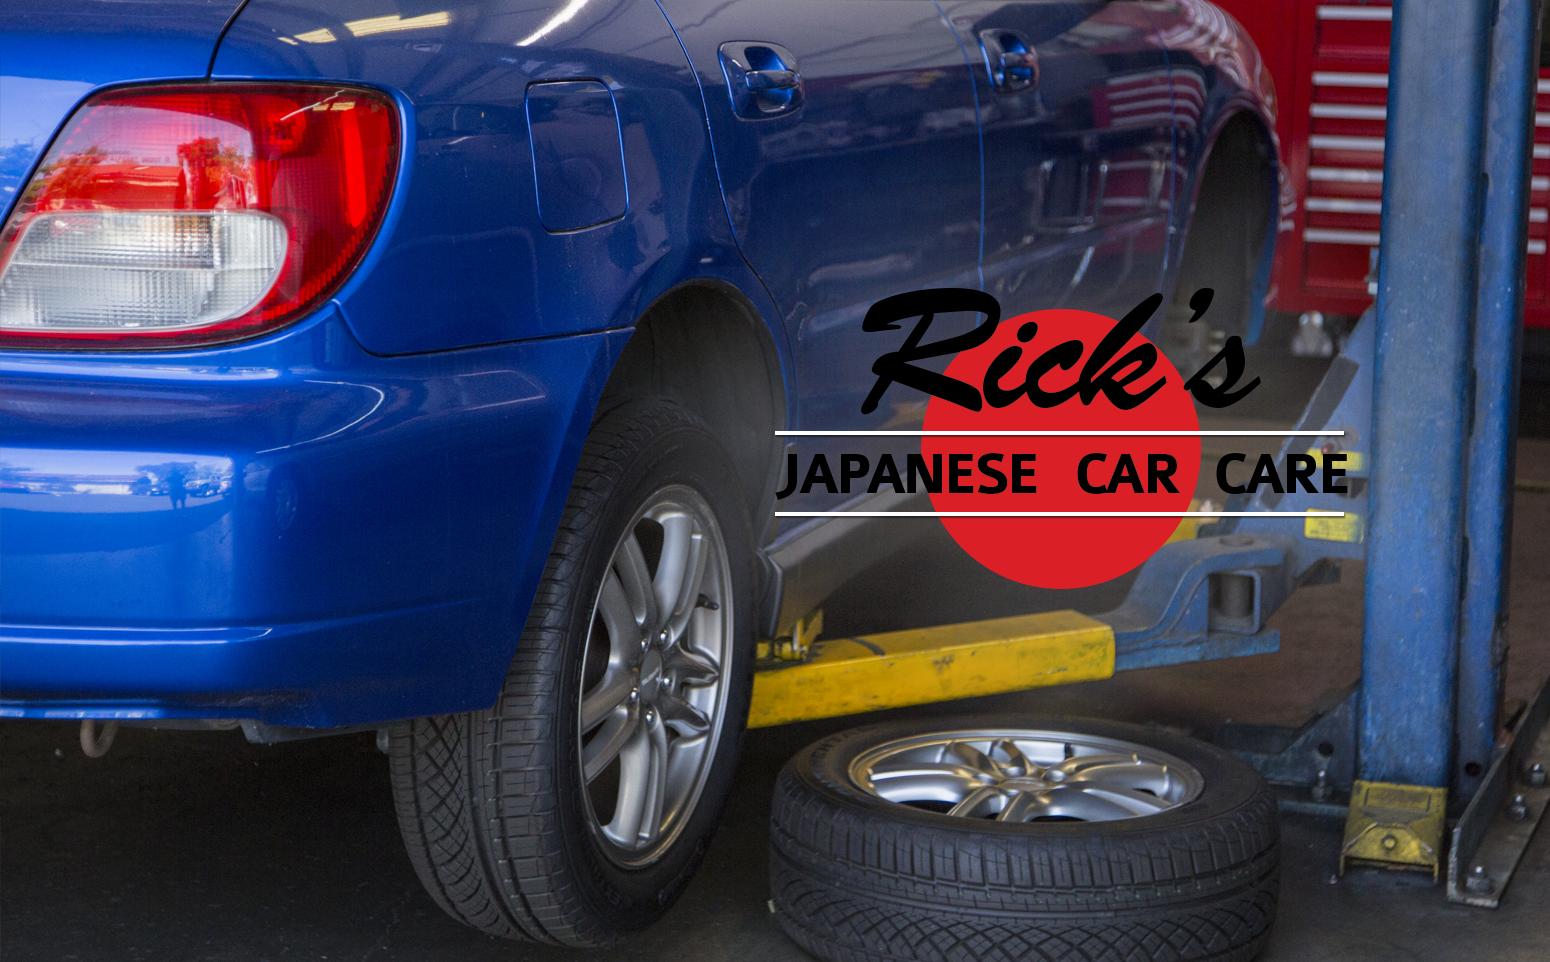 Ricks Japanese Car Care